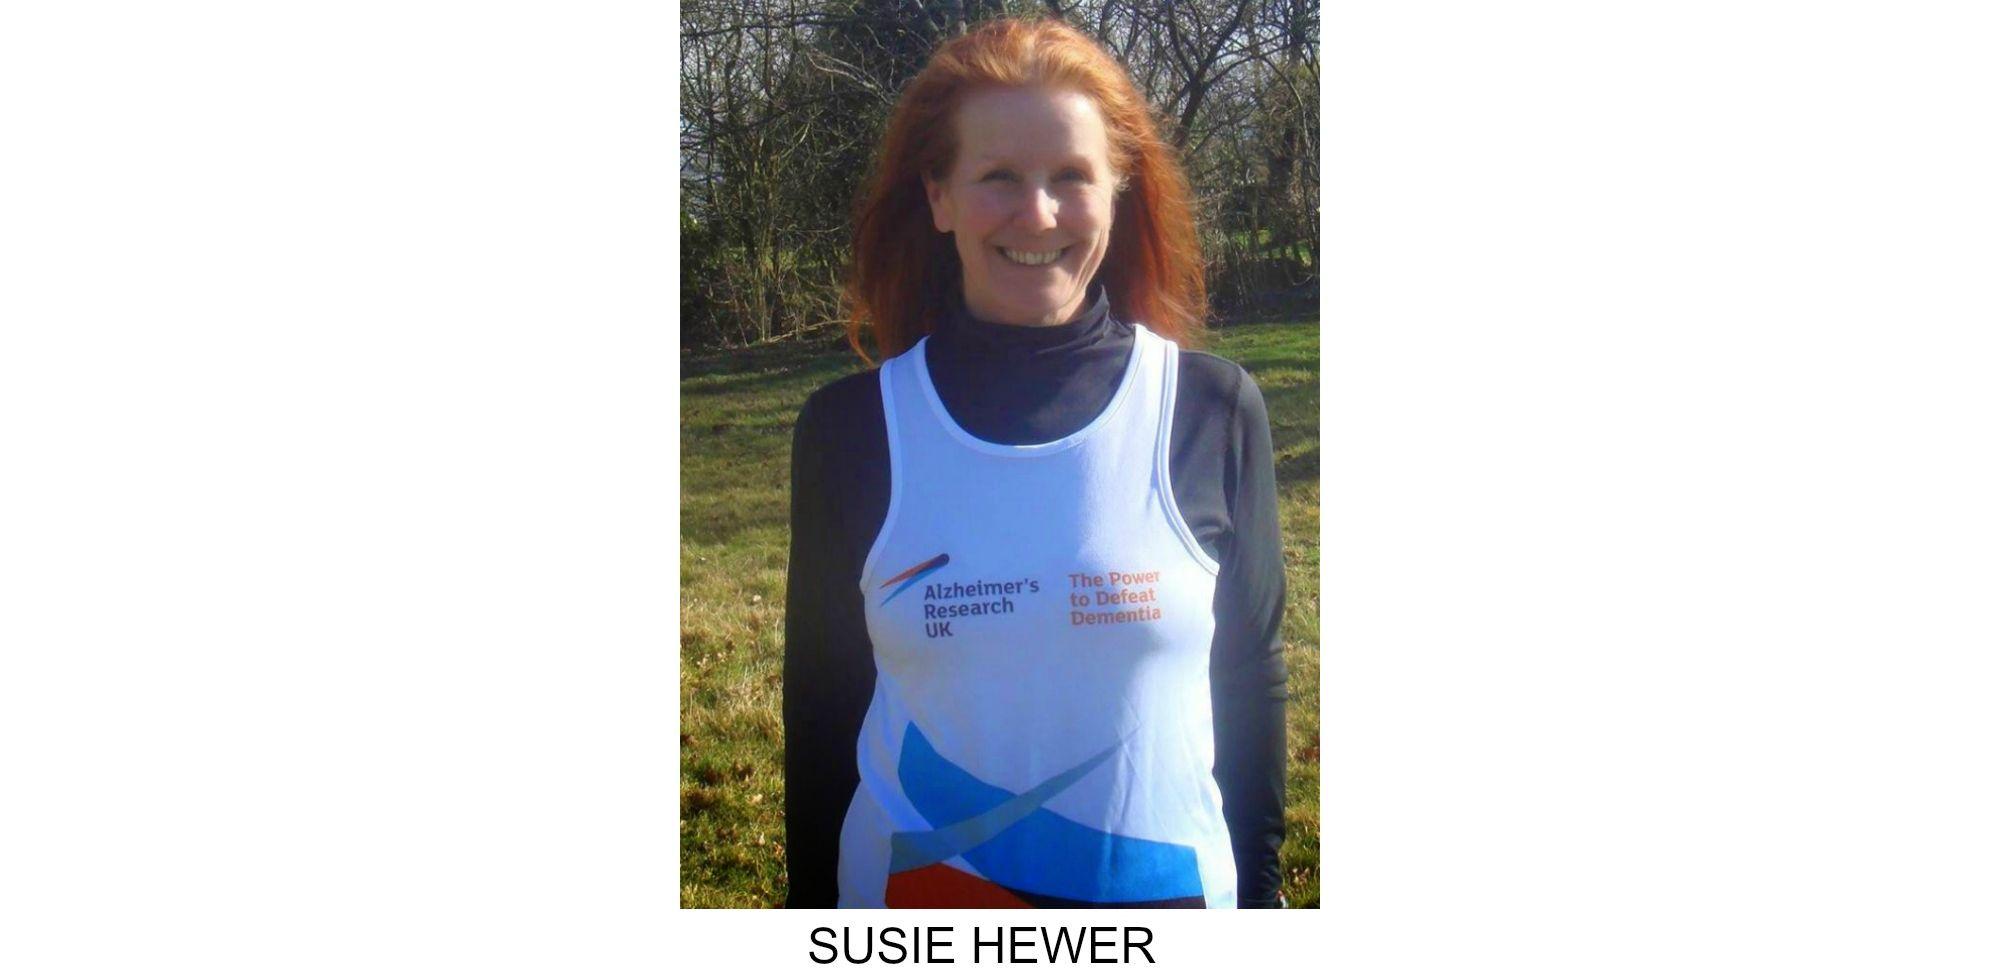 Susie Hewer